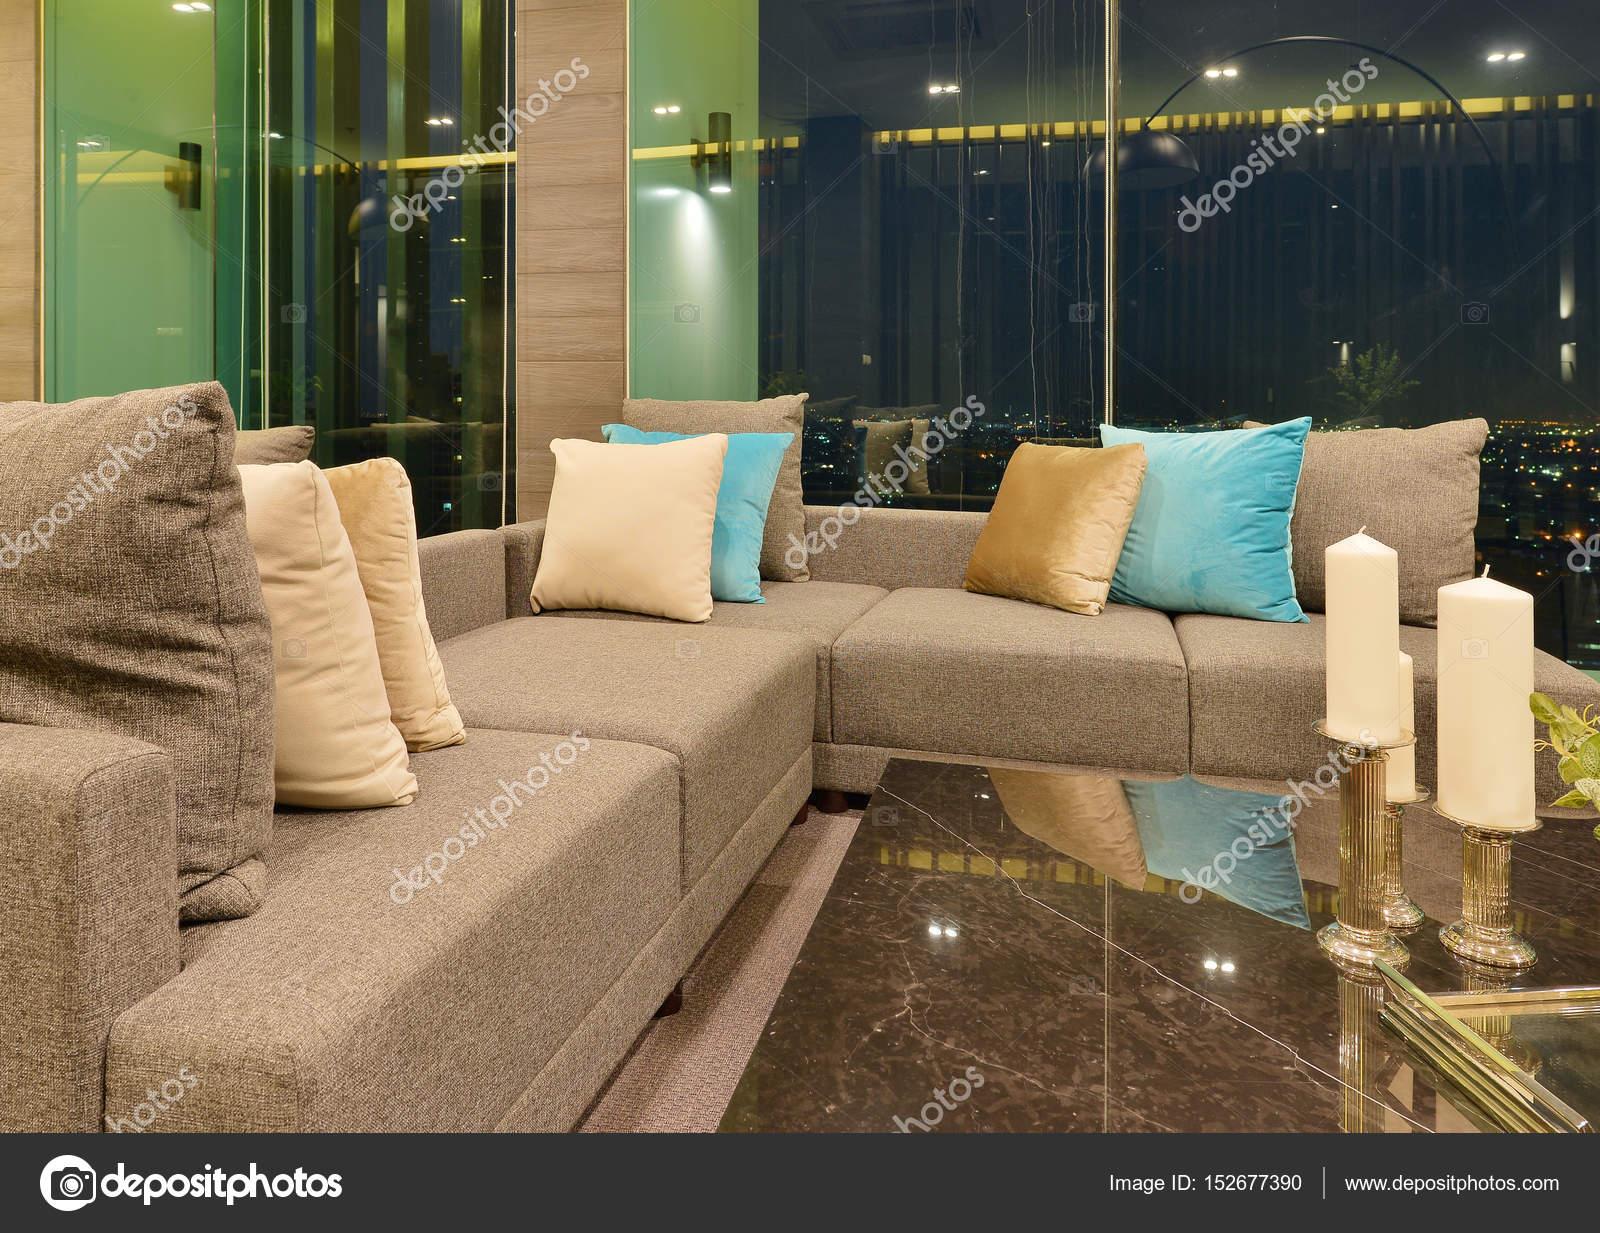 Sofa De Luxo Moderna Sala Interior E Decoracao No Nig Fotografias